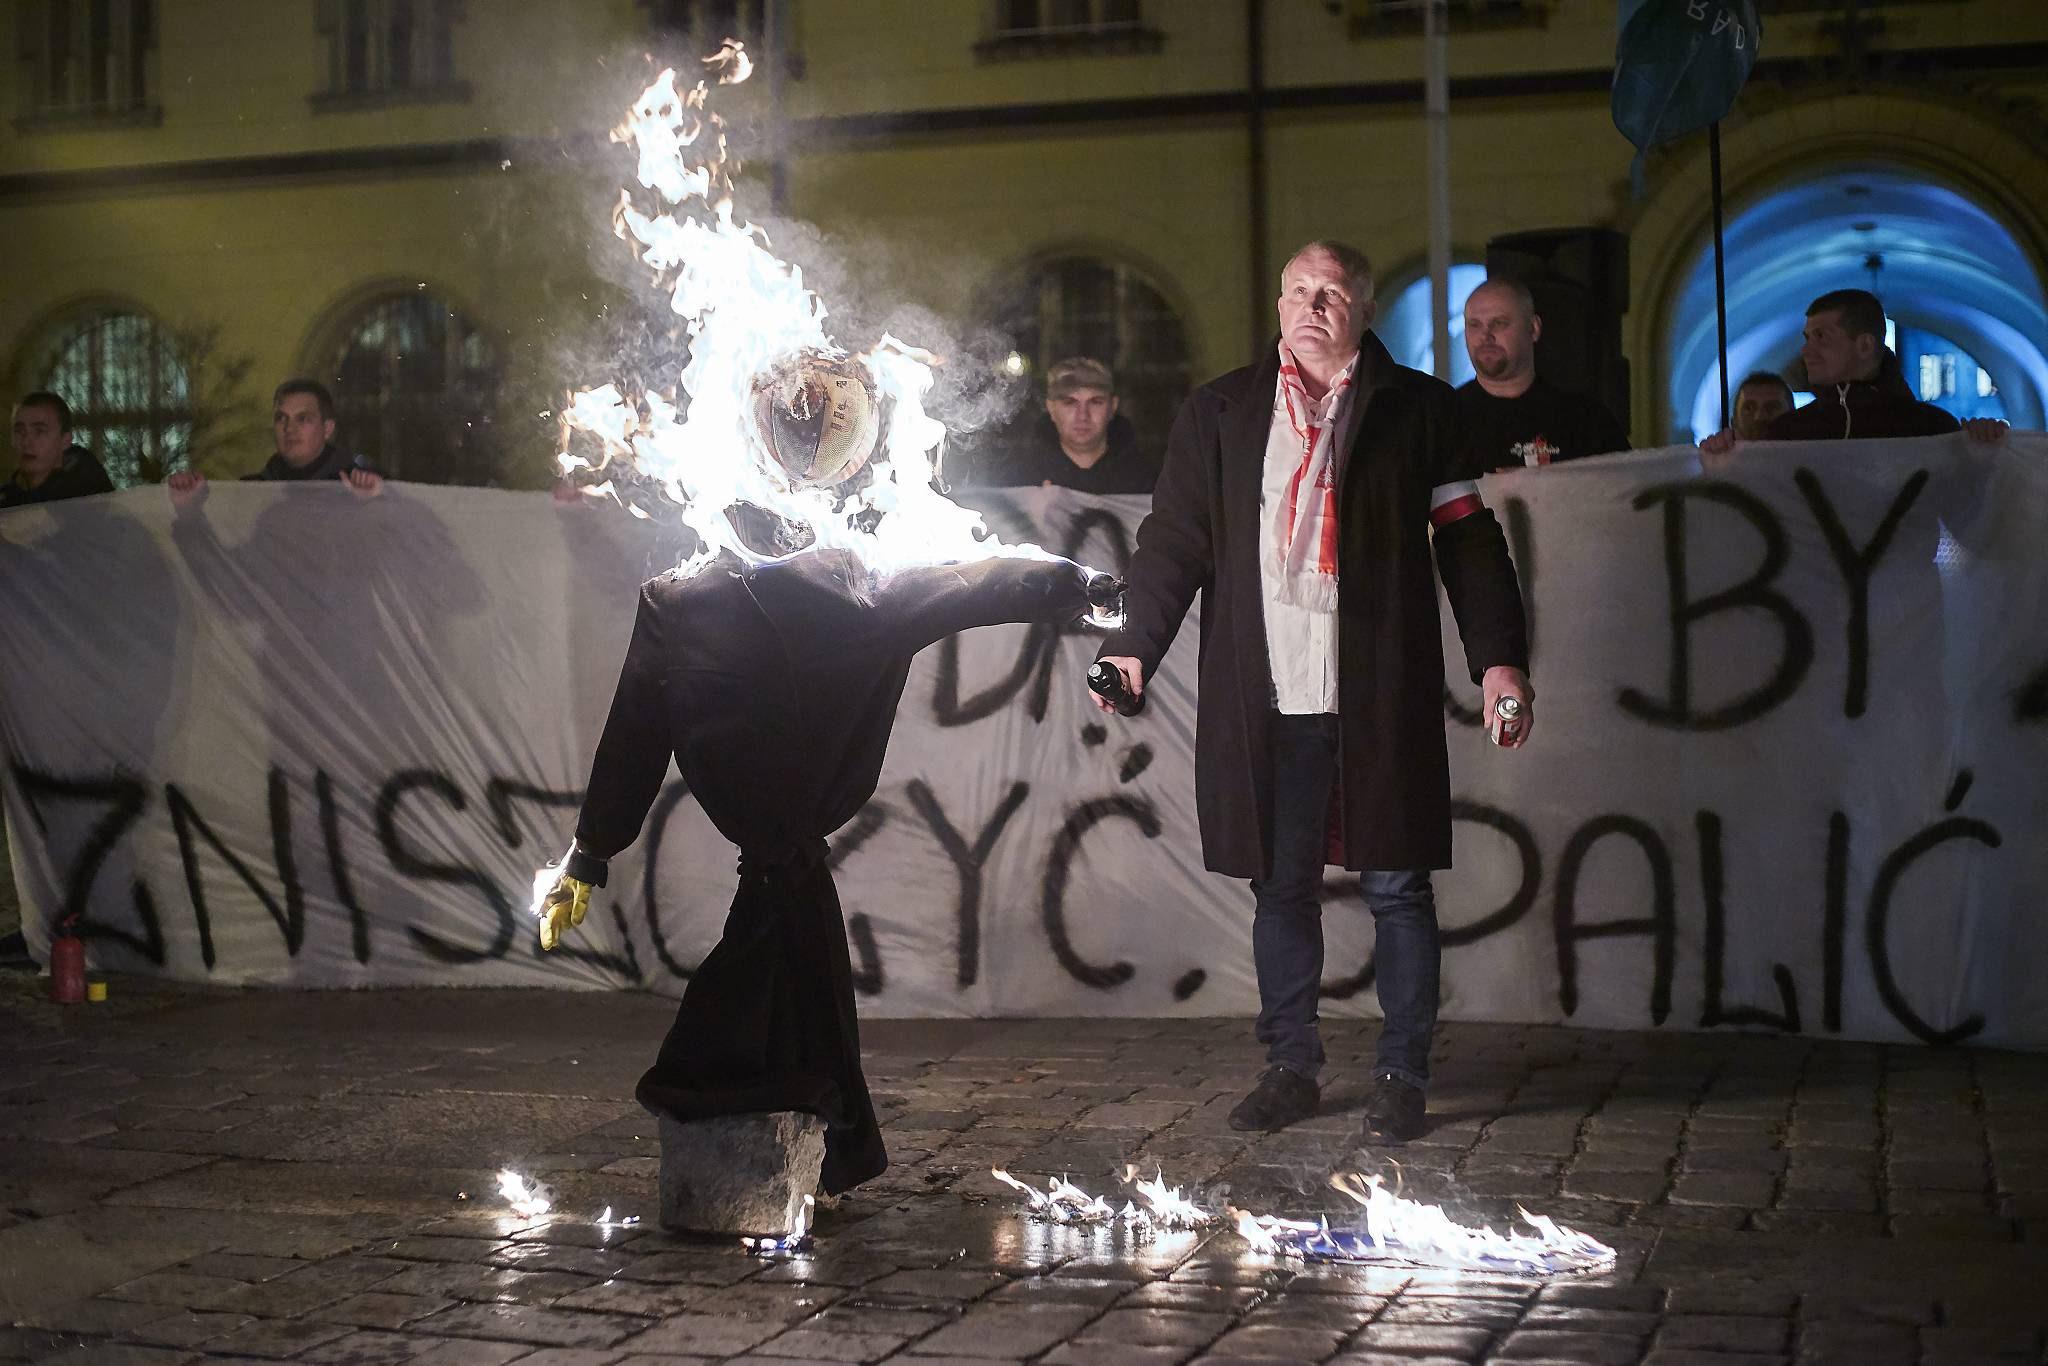 Piotr Rybak pali kukłę Żyda - Wrocław, rynek 18.11.2015. W listopadzie  2016 został za ten czyn skazany na 10 miesięcy bezwzględnego więzienia